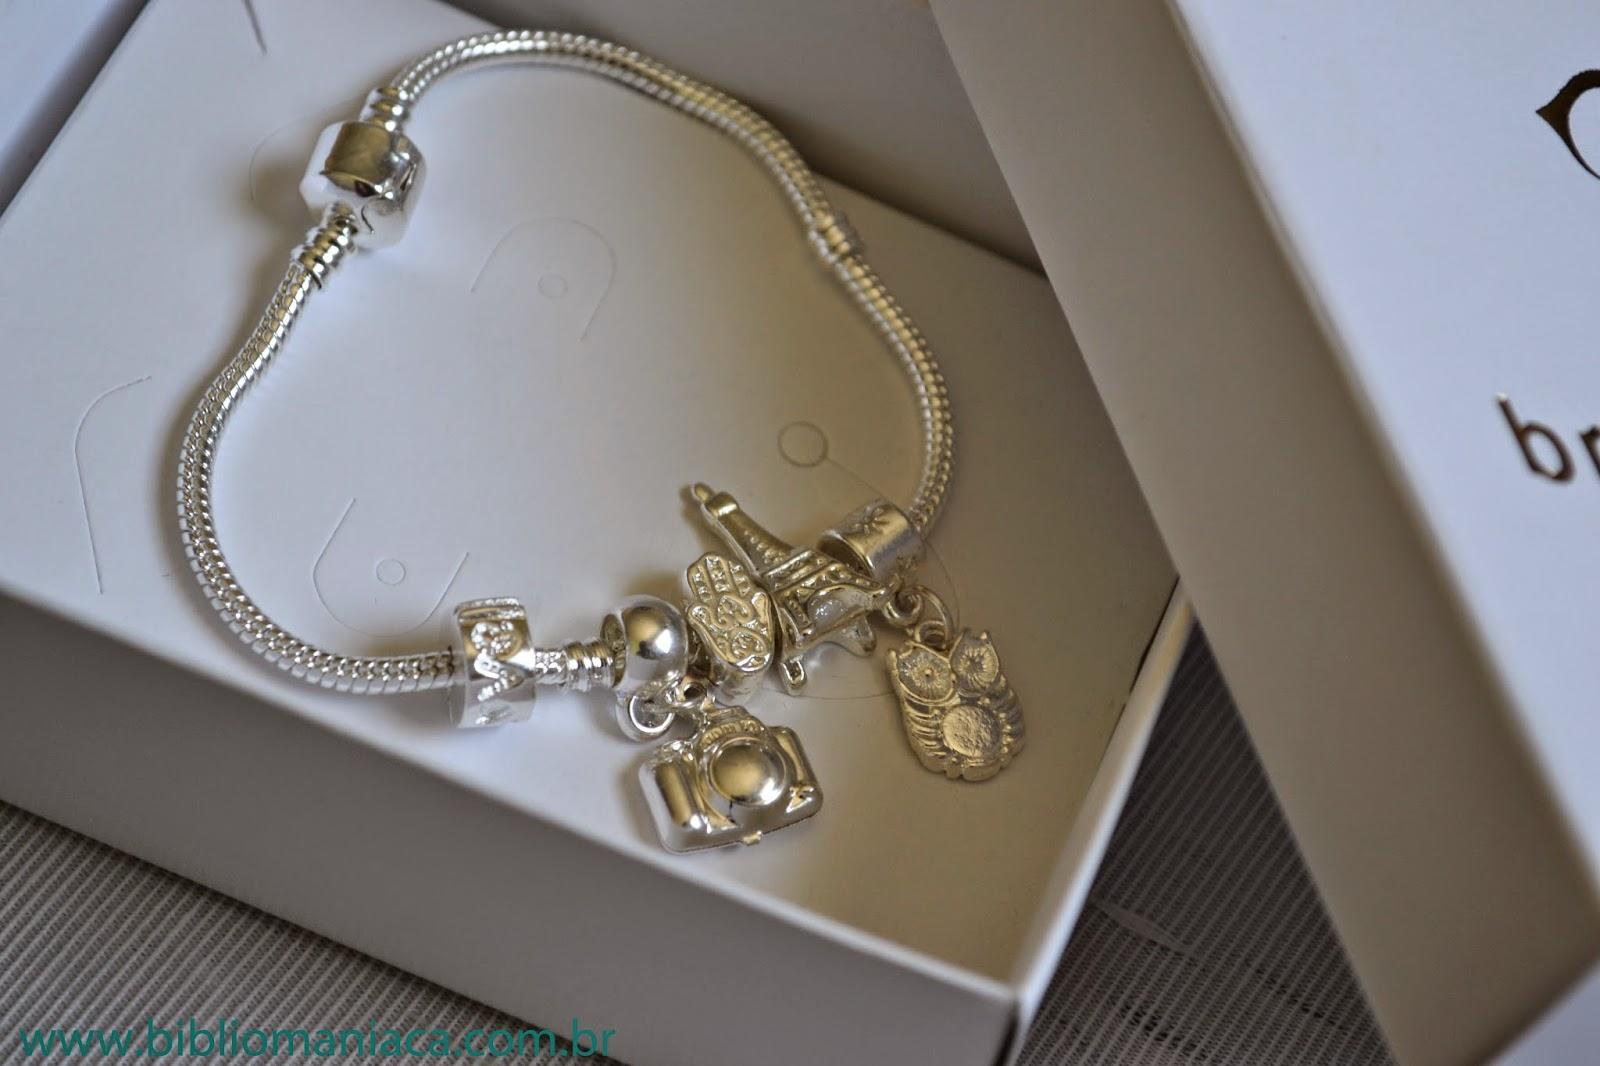 cb9c95ce034 Os berloques e charms tanto da Vivara quanto da Pandora entram na pulseira  Braccialetto